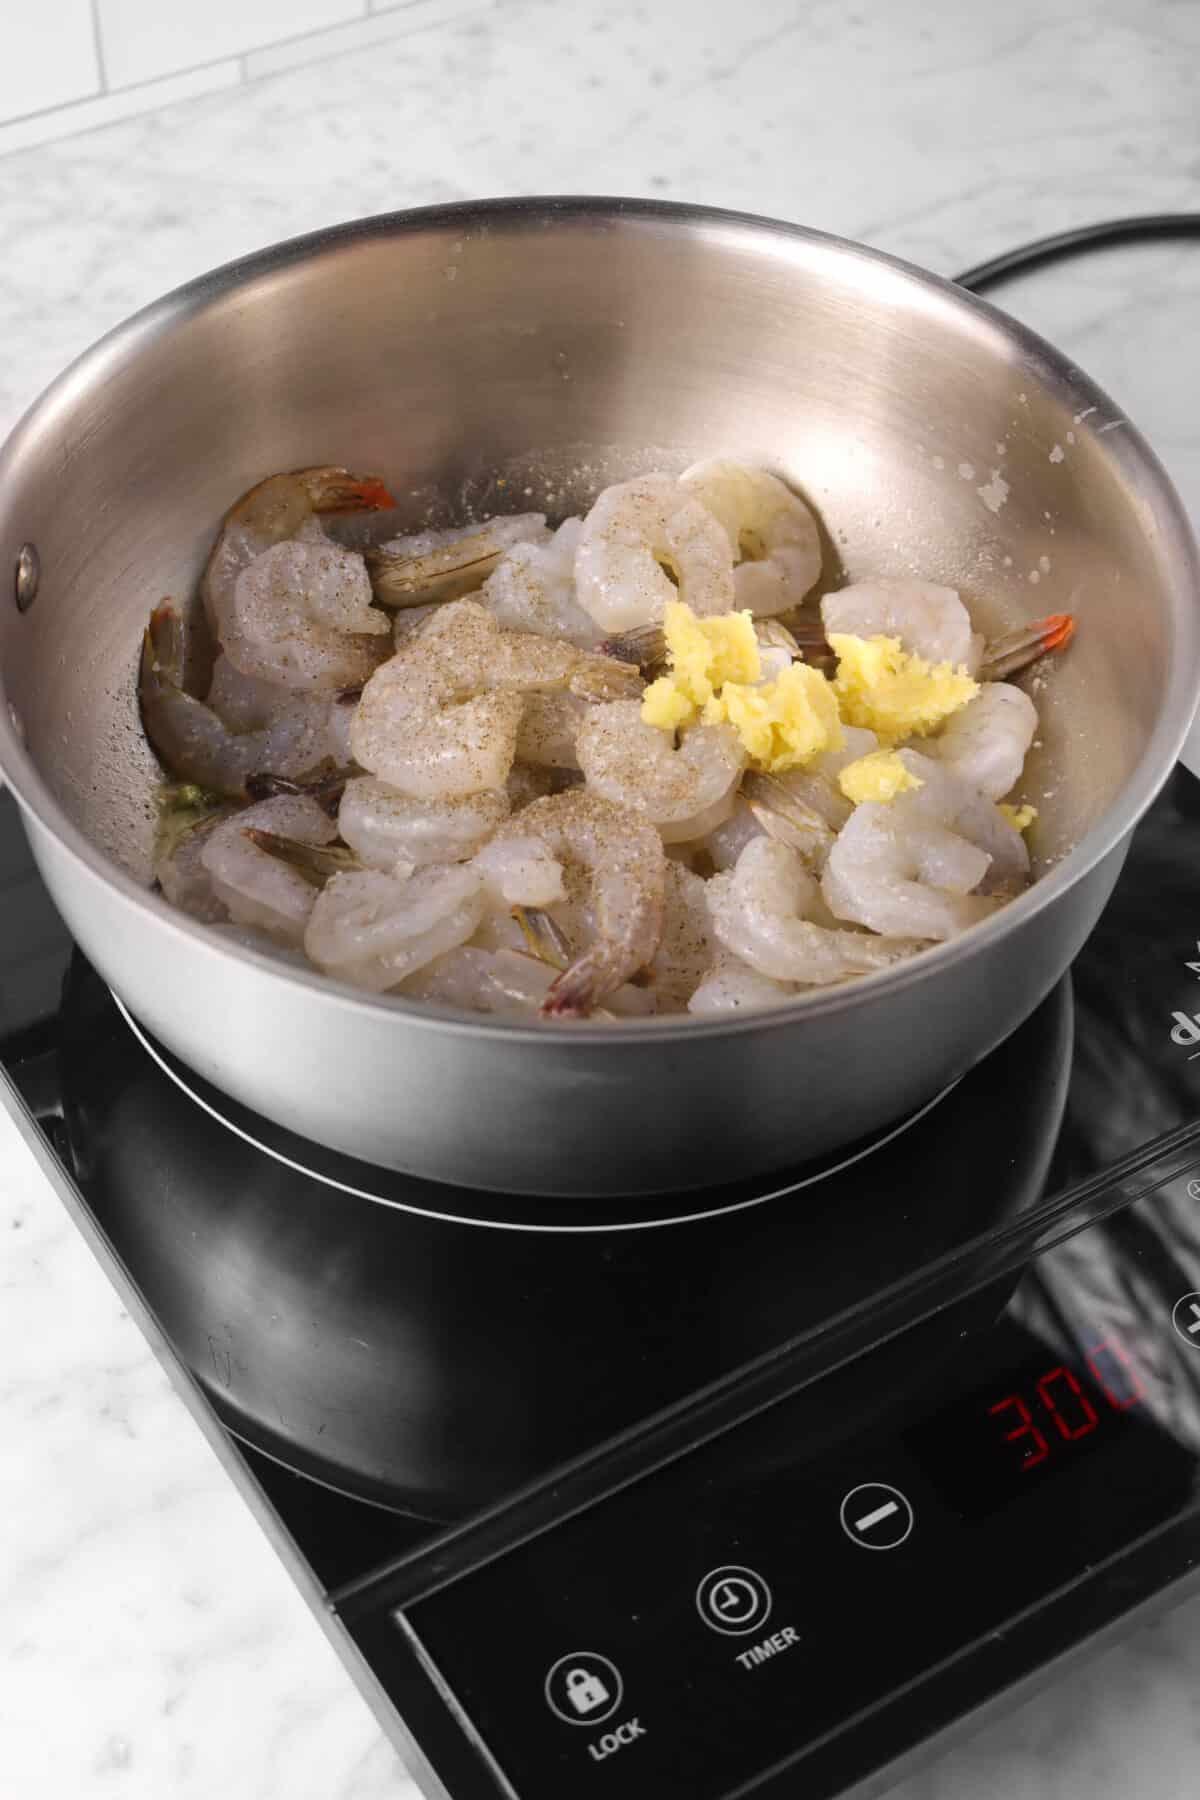 garlic, salt, and pepper added to butter mixture